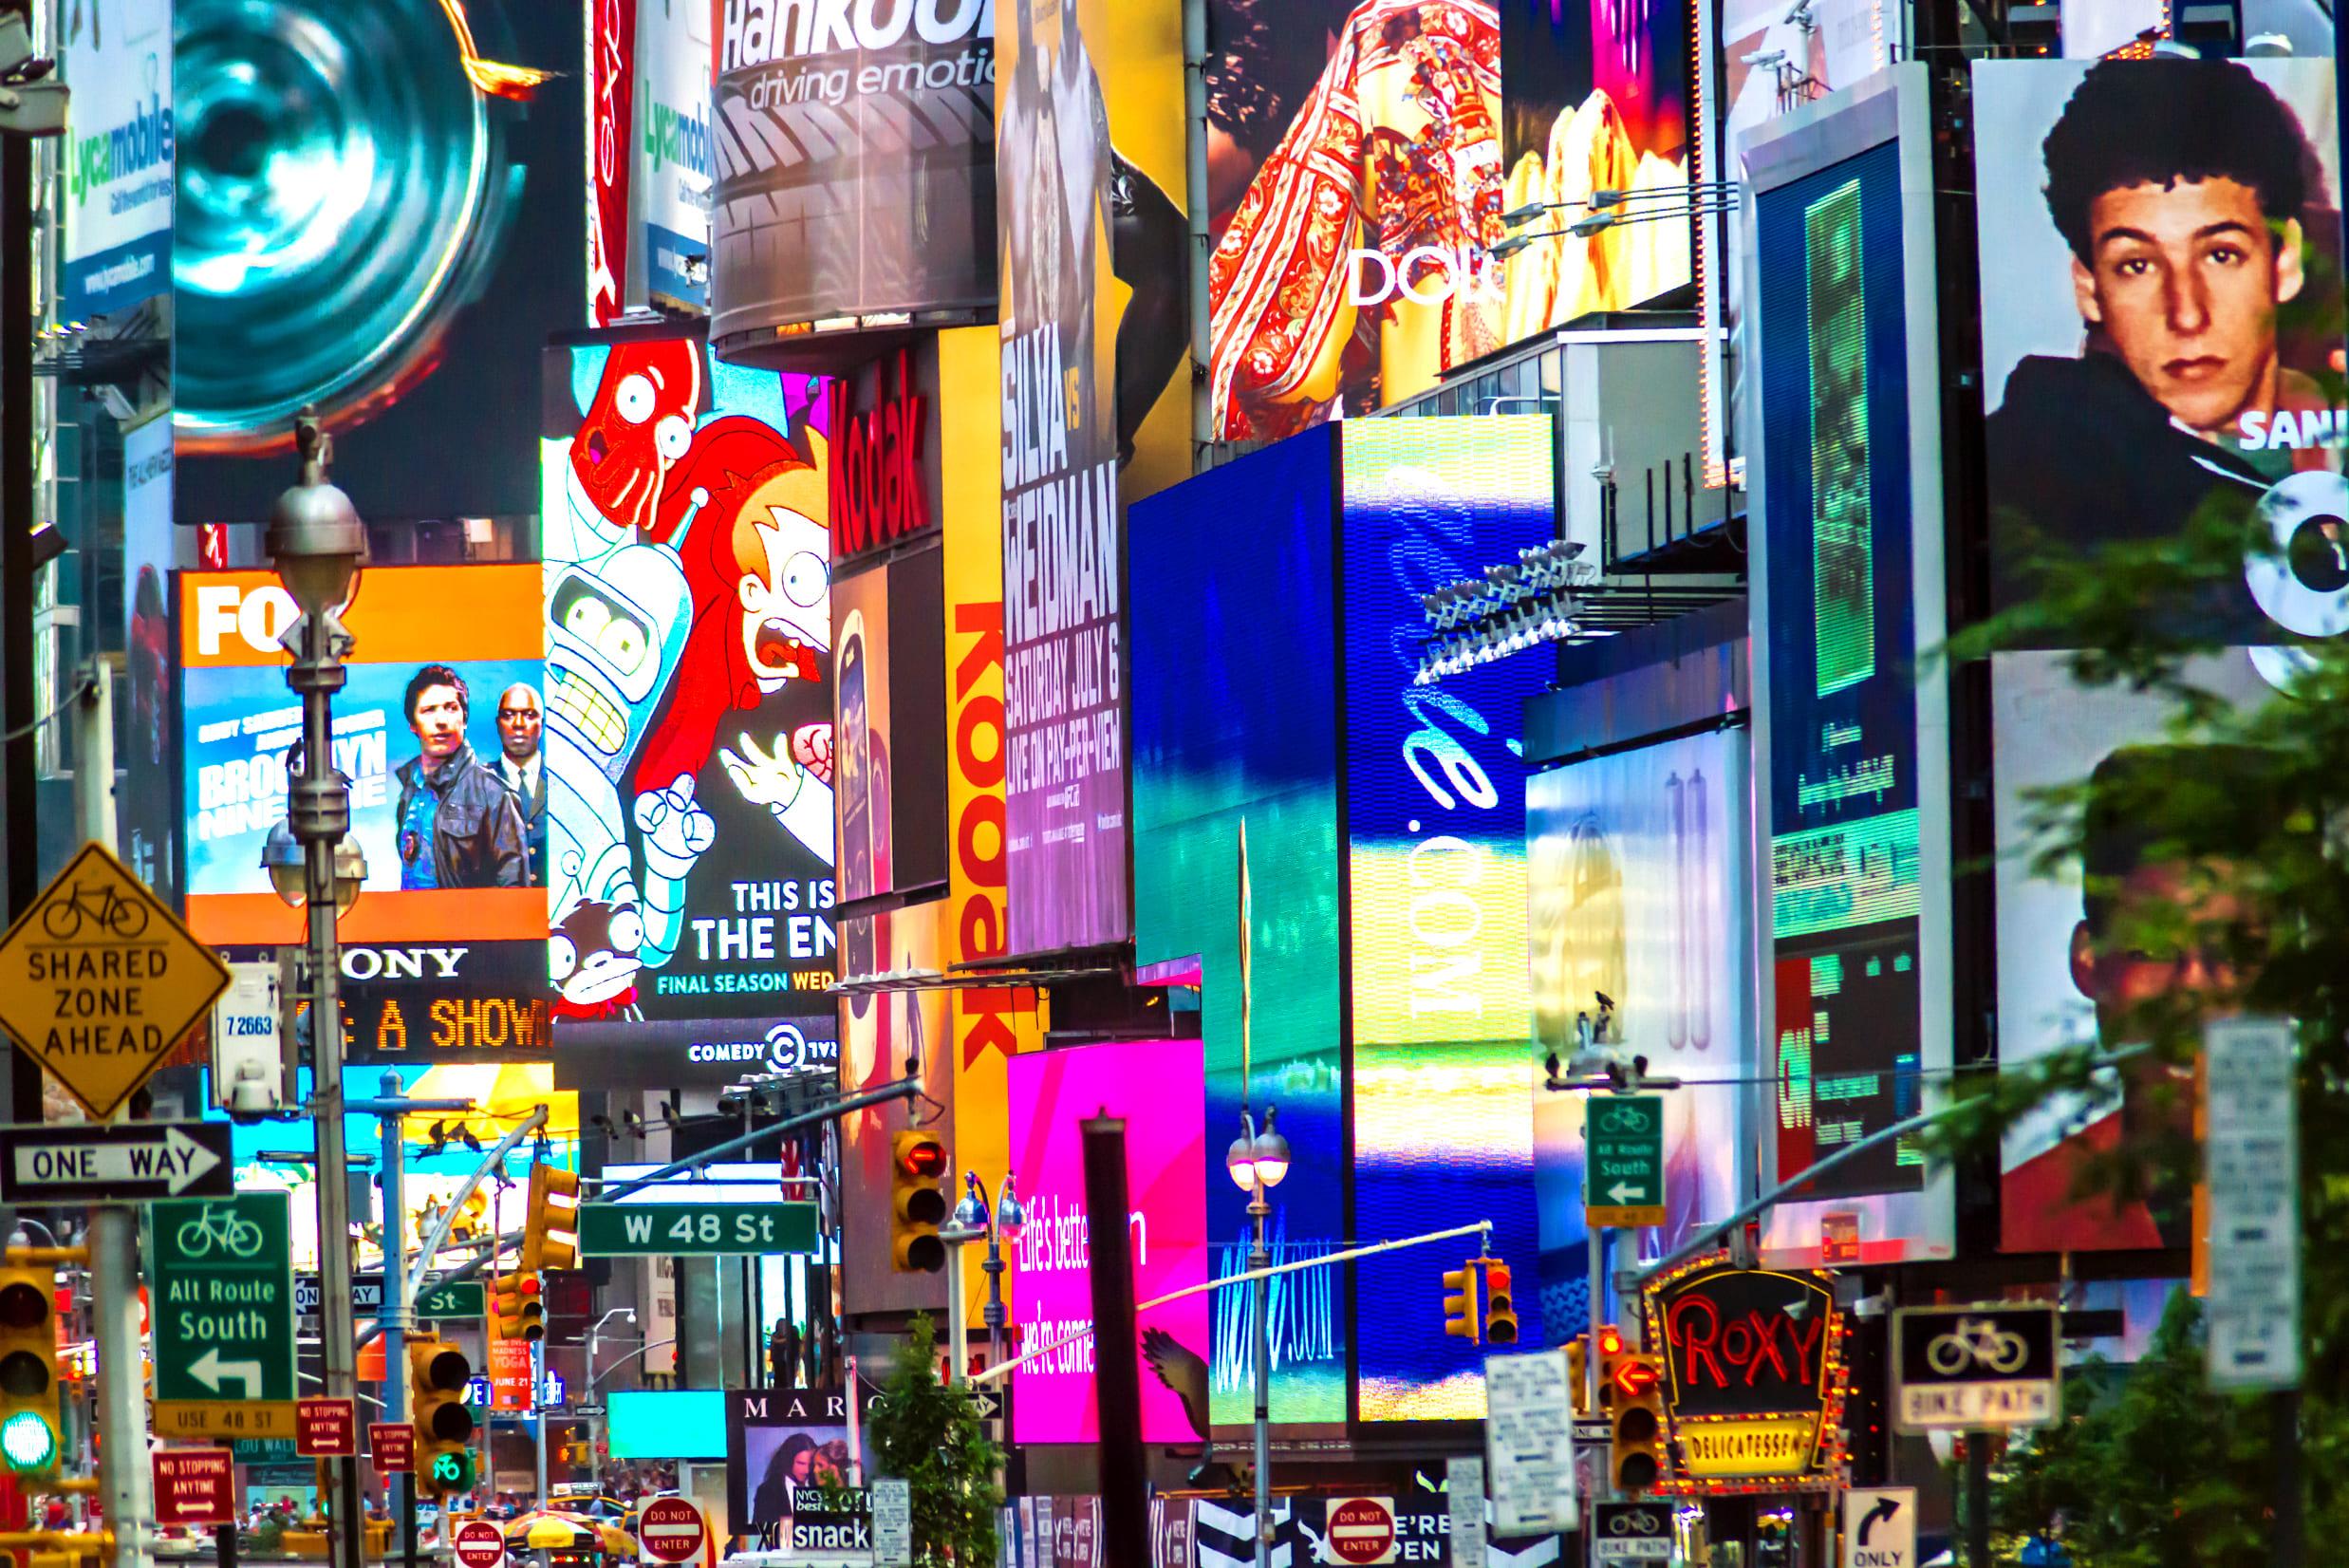 Imagem da Times Square em Nova York para ilustrar a importância da publicidade no dia a dia do consumidor e assim, motivar o empreendedor que deseja abrir uma agência de publicidade